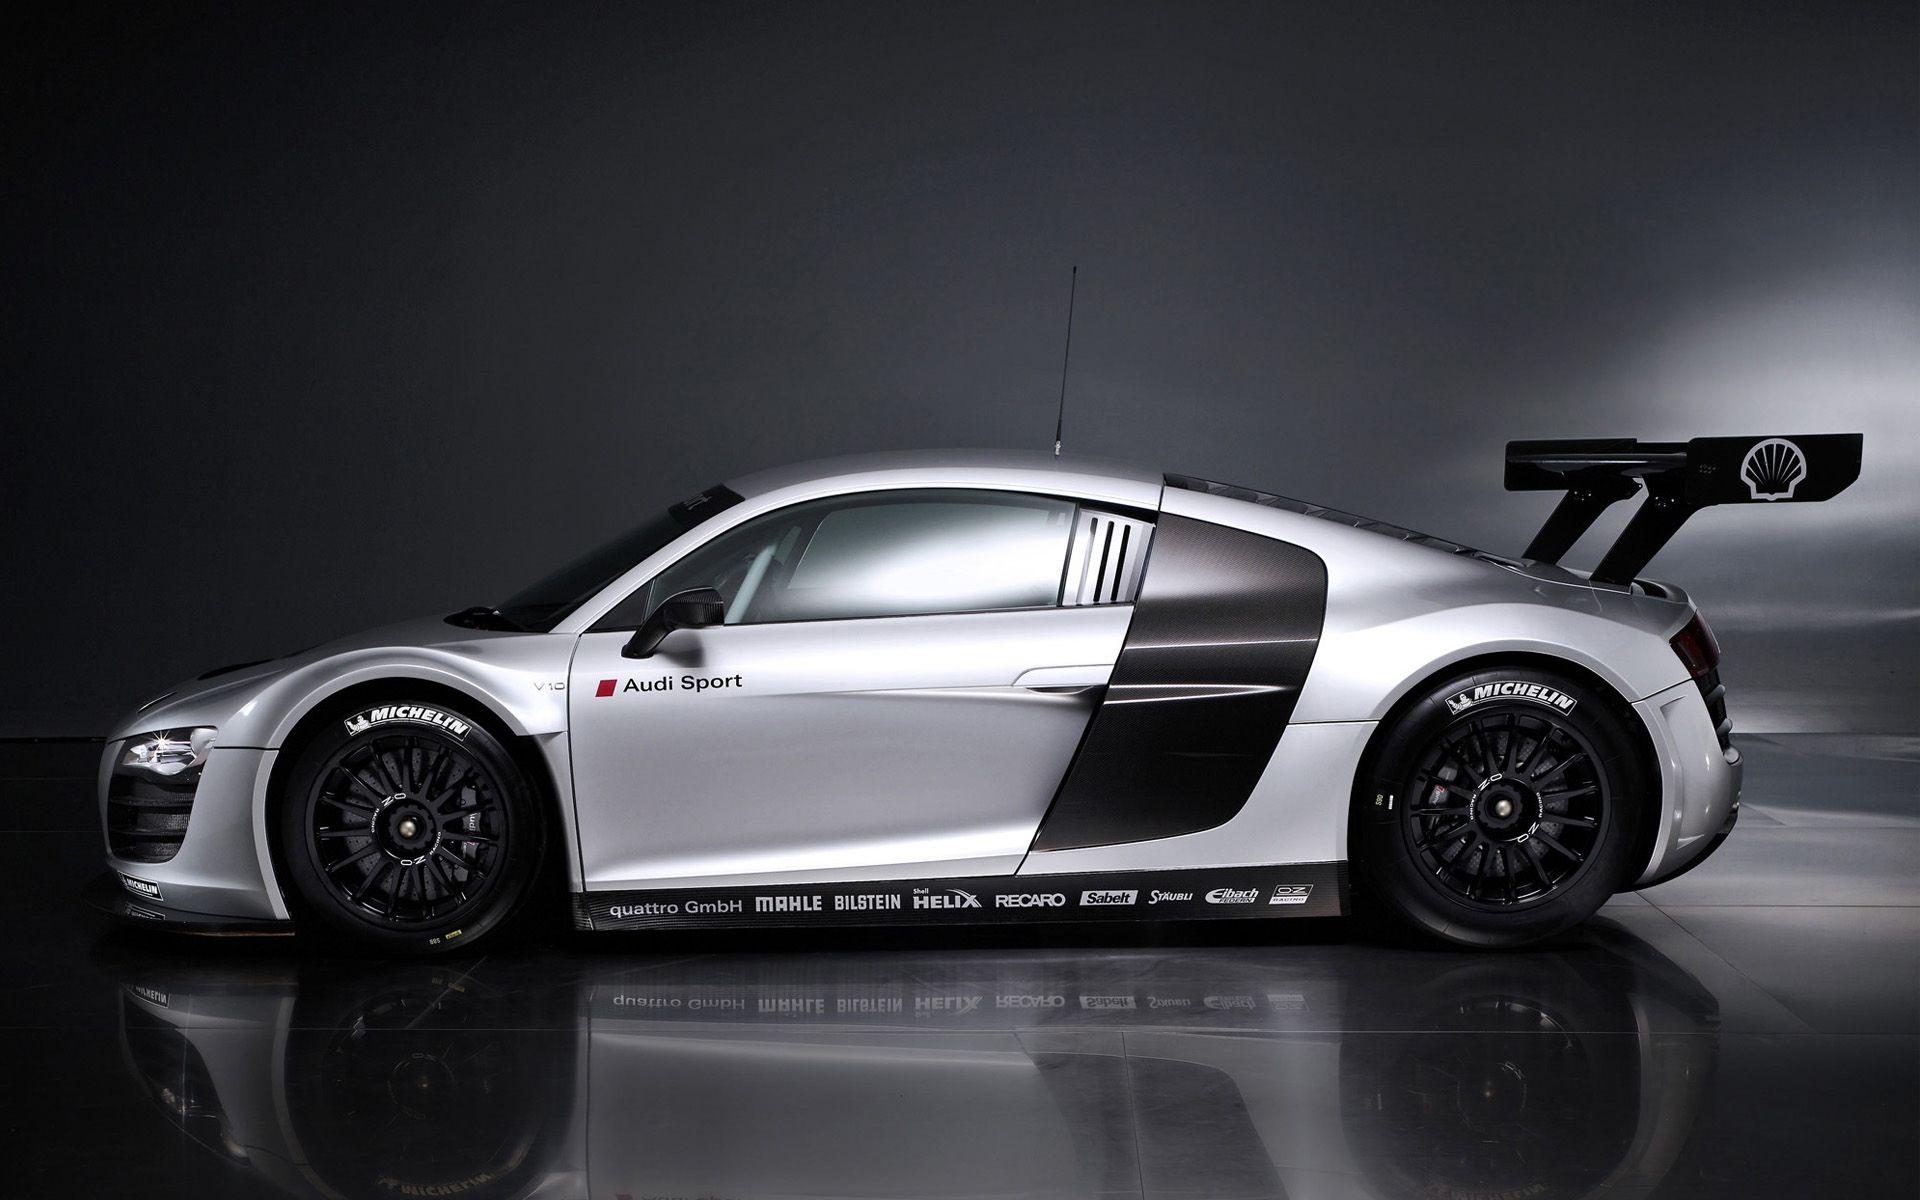 17e43735d8d25a1c2461074d1c0f6580 Stunning Ficha Tecnica Porsche 918 Spyder Concept Cars Trend